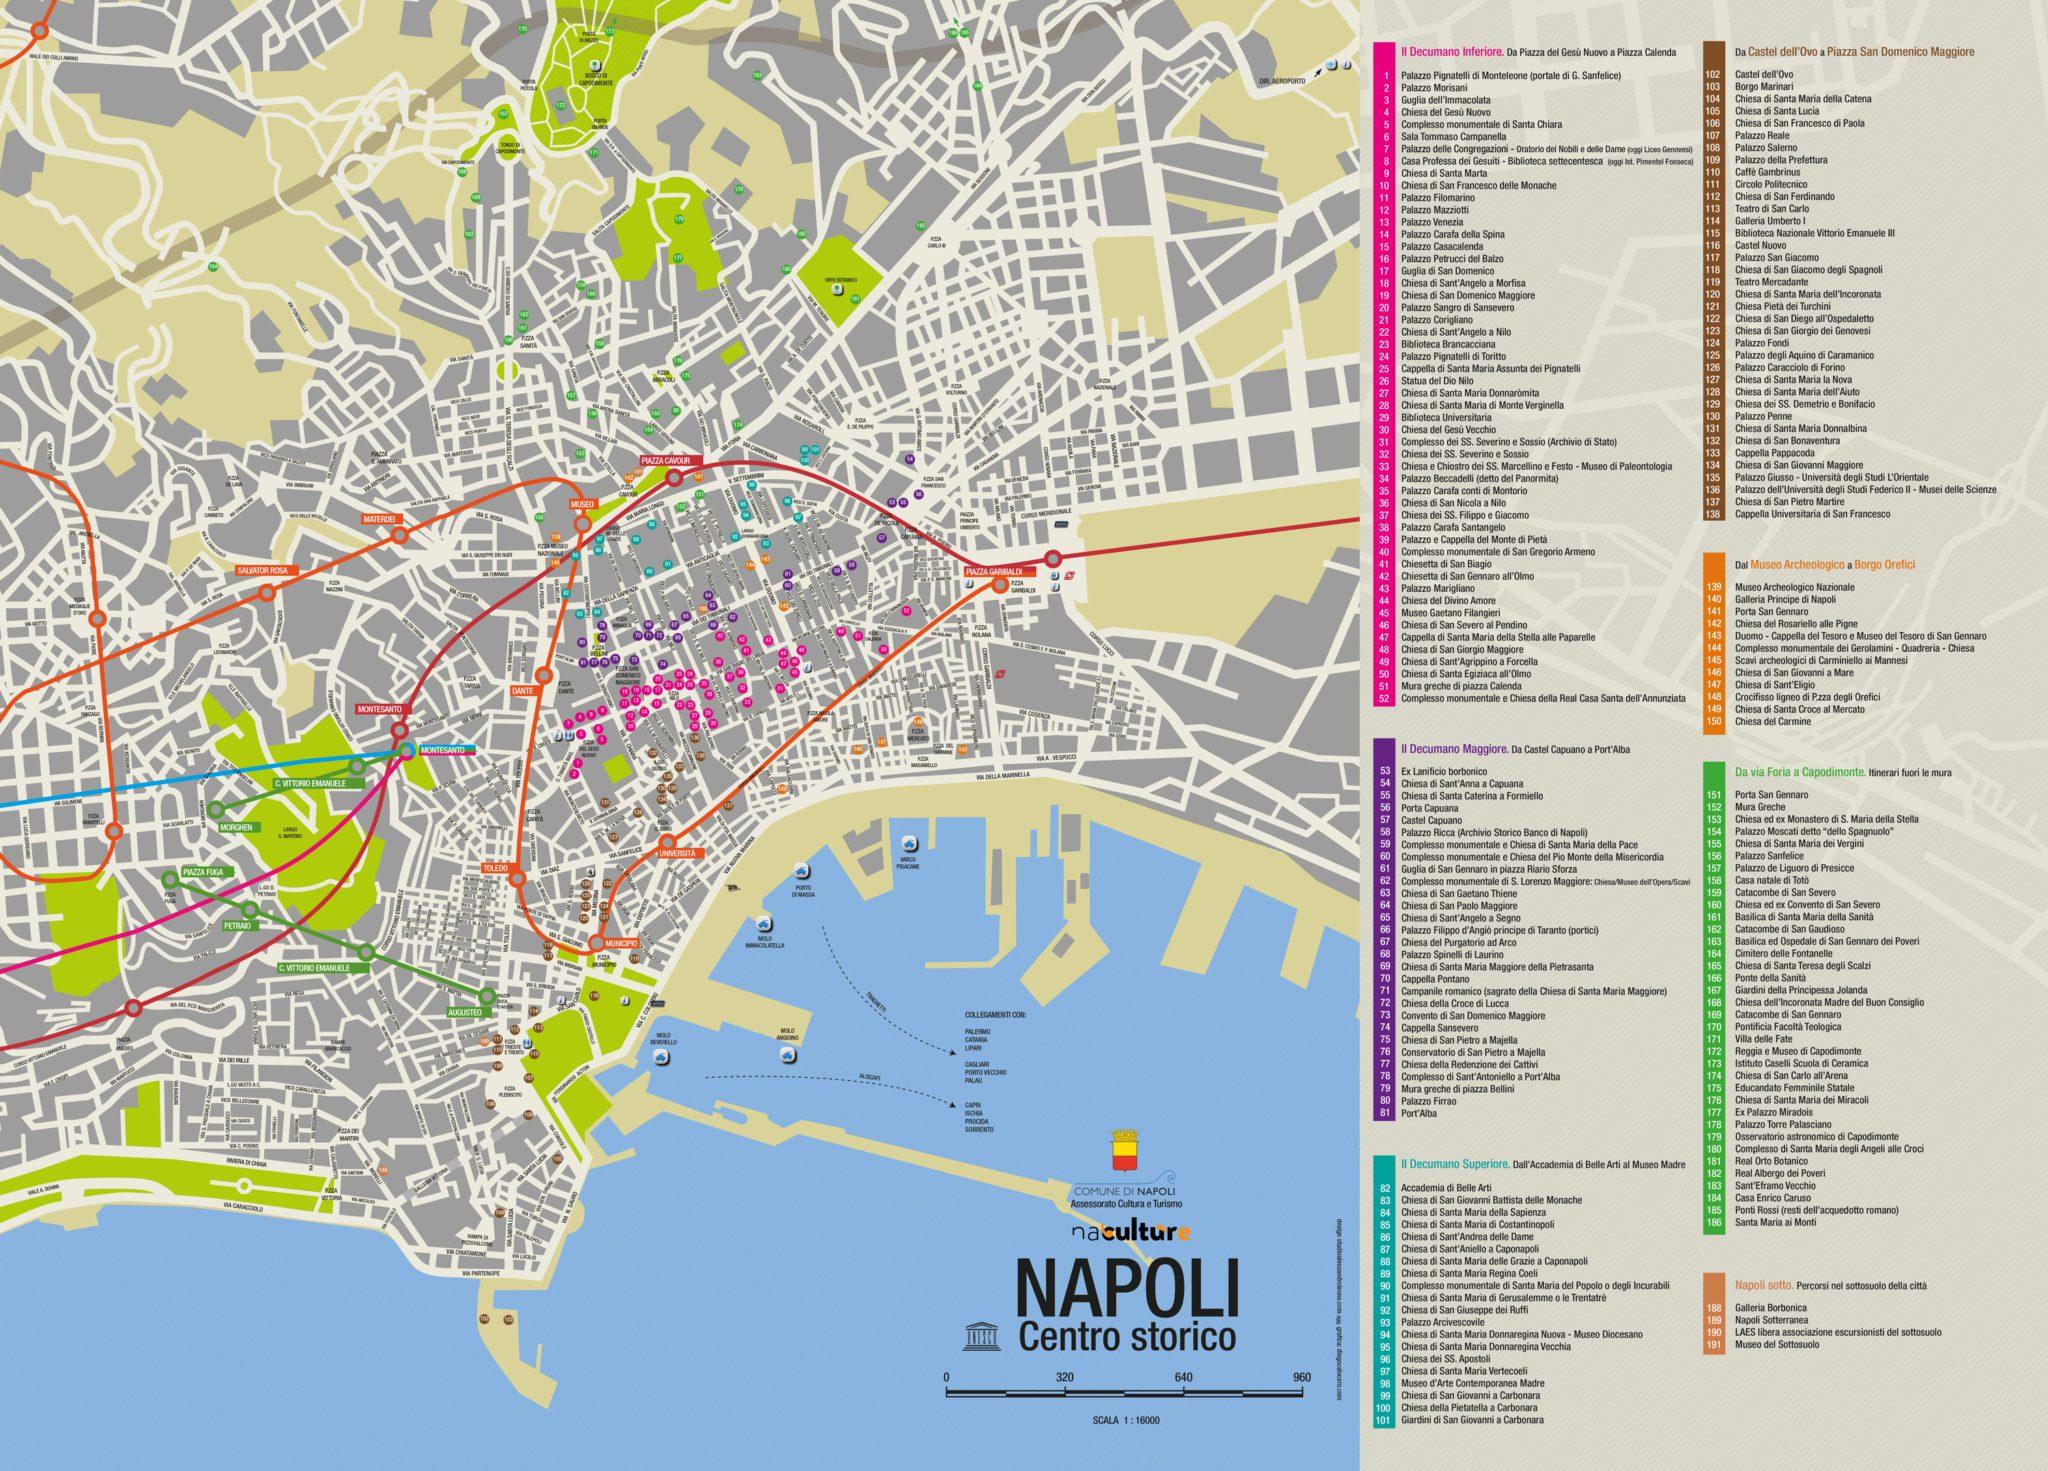 Napoli historic centre